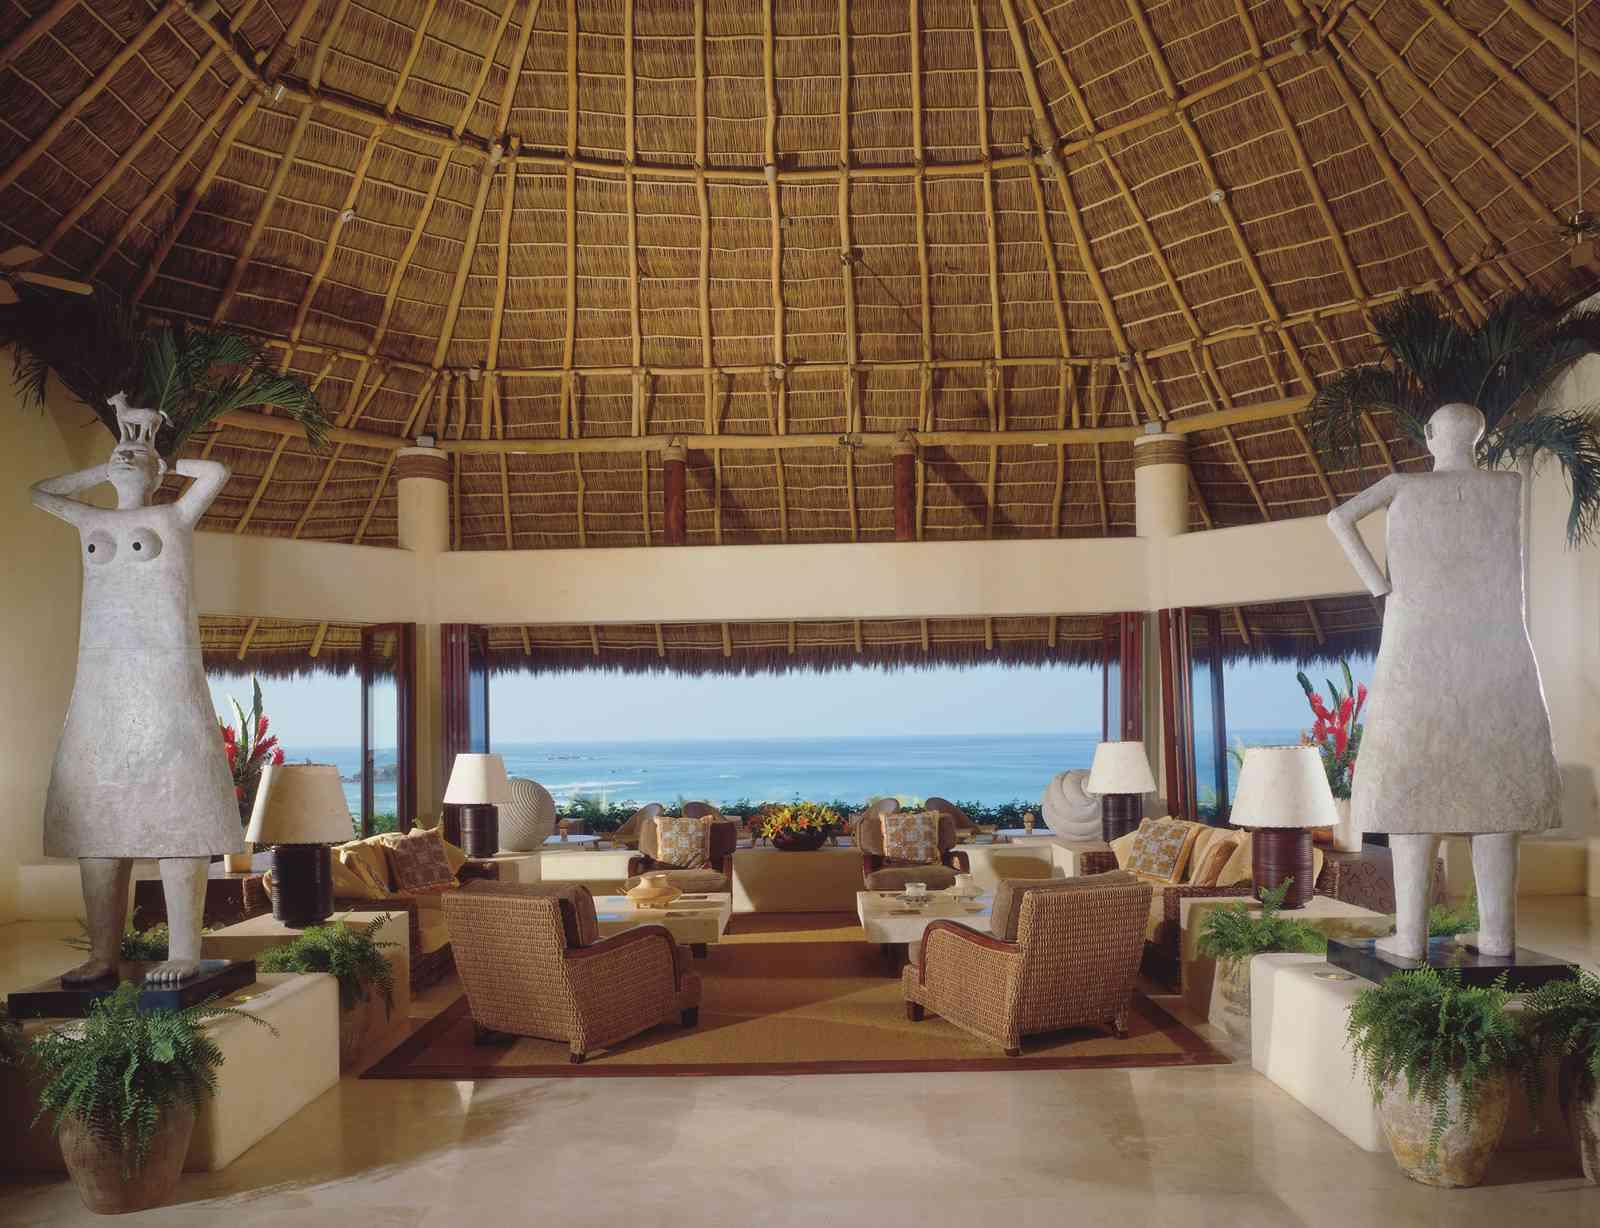 The entrance to Four Seasons Resort Punta Mita, Mexico